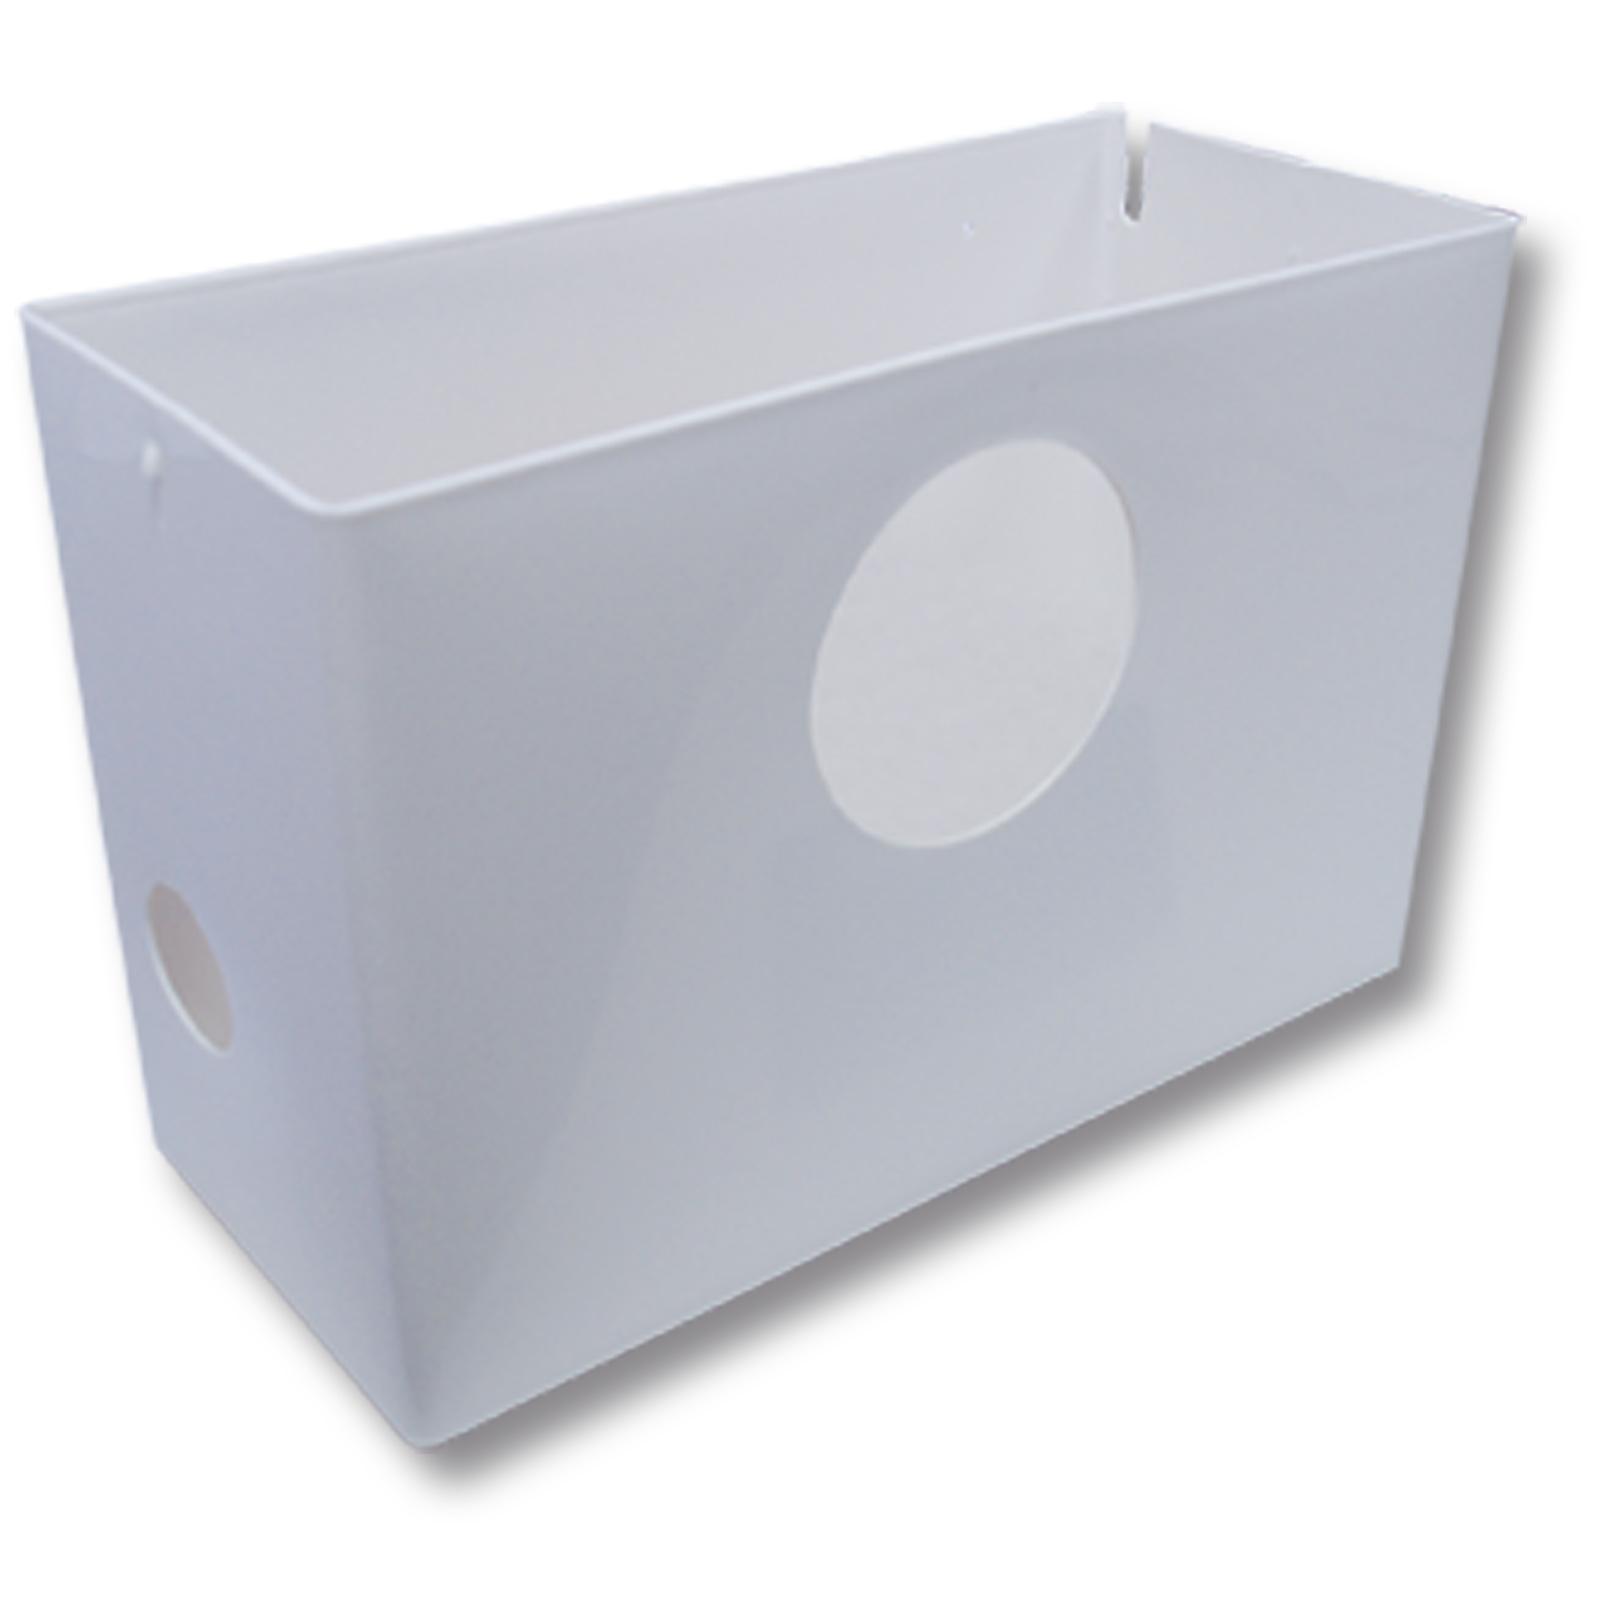 Schmutzwasser Hebeanlage Dusche : Details zu WilTec 3/1 Schmutzwasser F?kalien Hebeanlage WC H?cksler